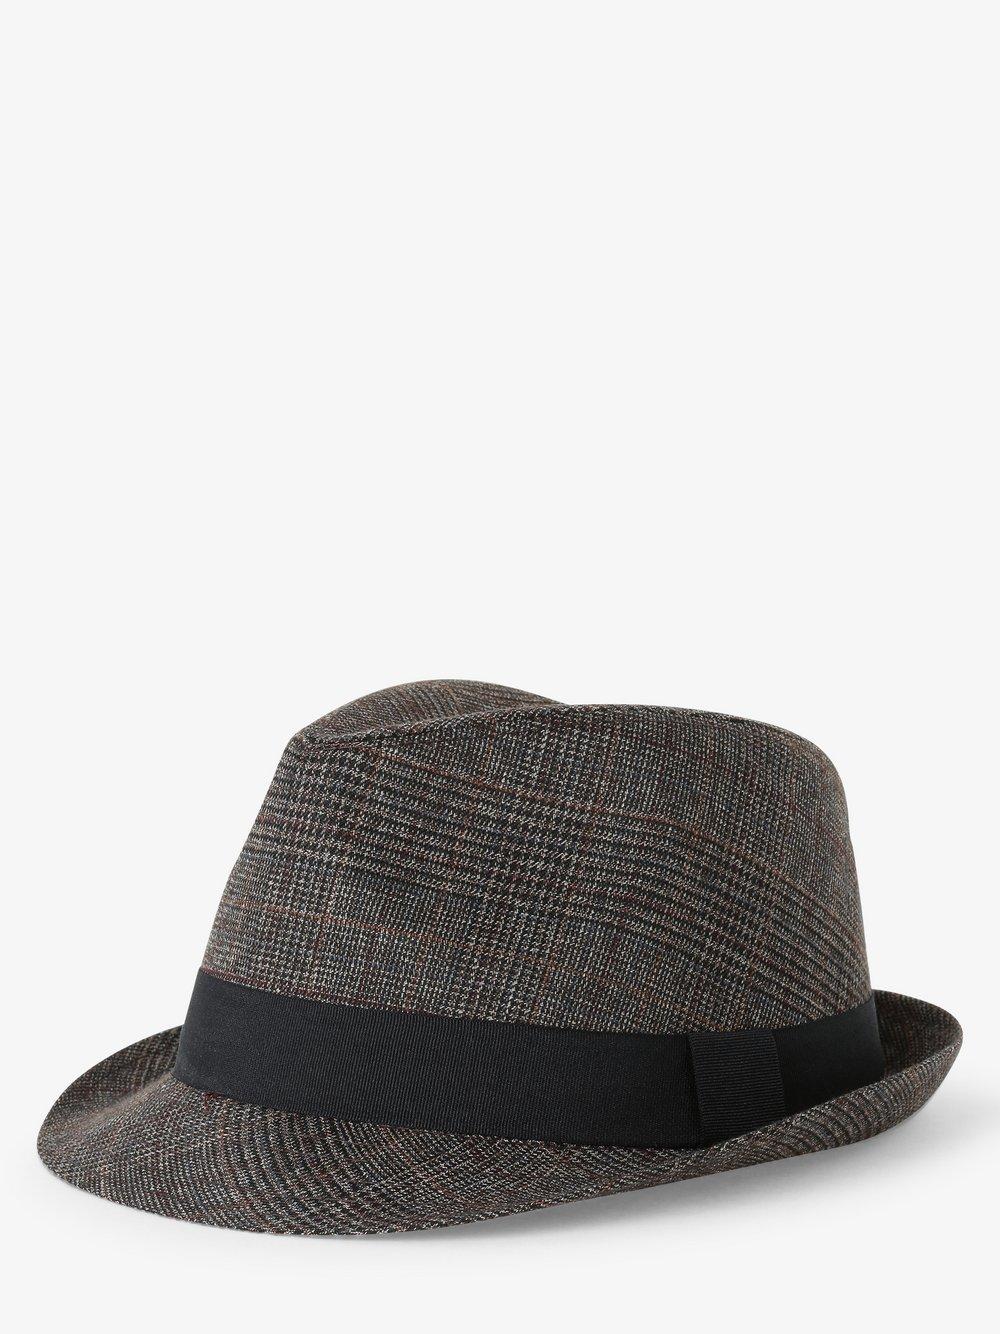 Finshley & Harding London – Kapelusz męski, szary Van Graaf 487286-0001